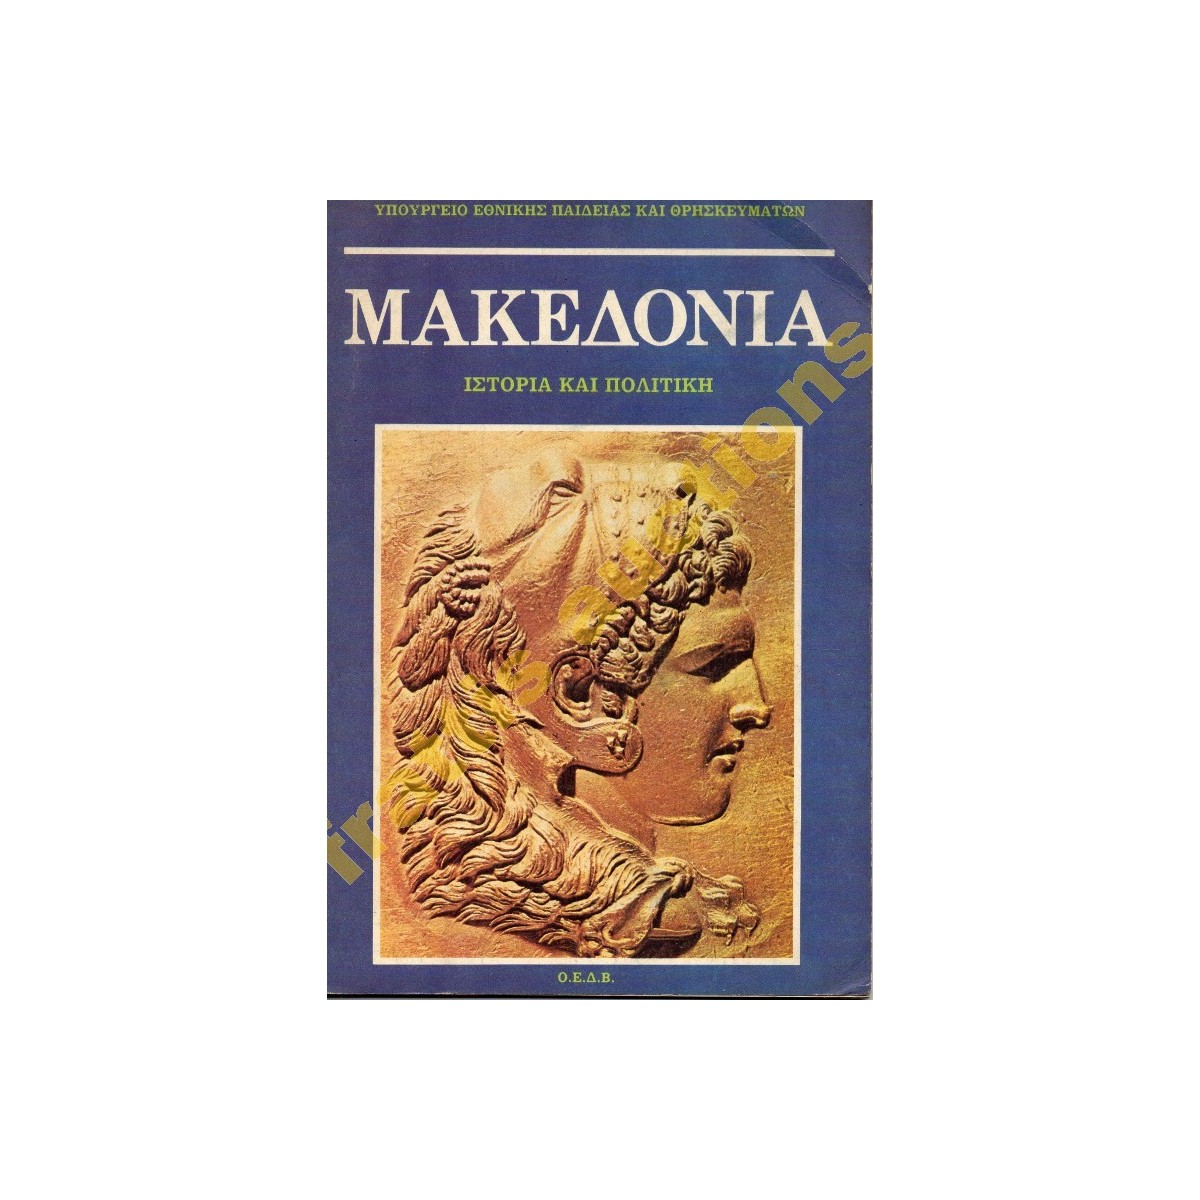 ΜΑΚΕΔΟΝΙΑ Ιστορία και Πολιτική. Υπουργείο Εθνικής Παιδείας και Θρησκευμάτων. ΟΕΔΒ 1992 έκδοση Α΄.